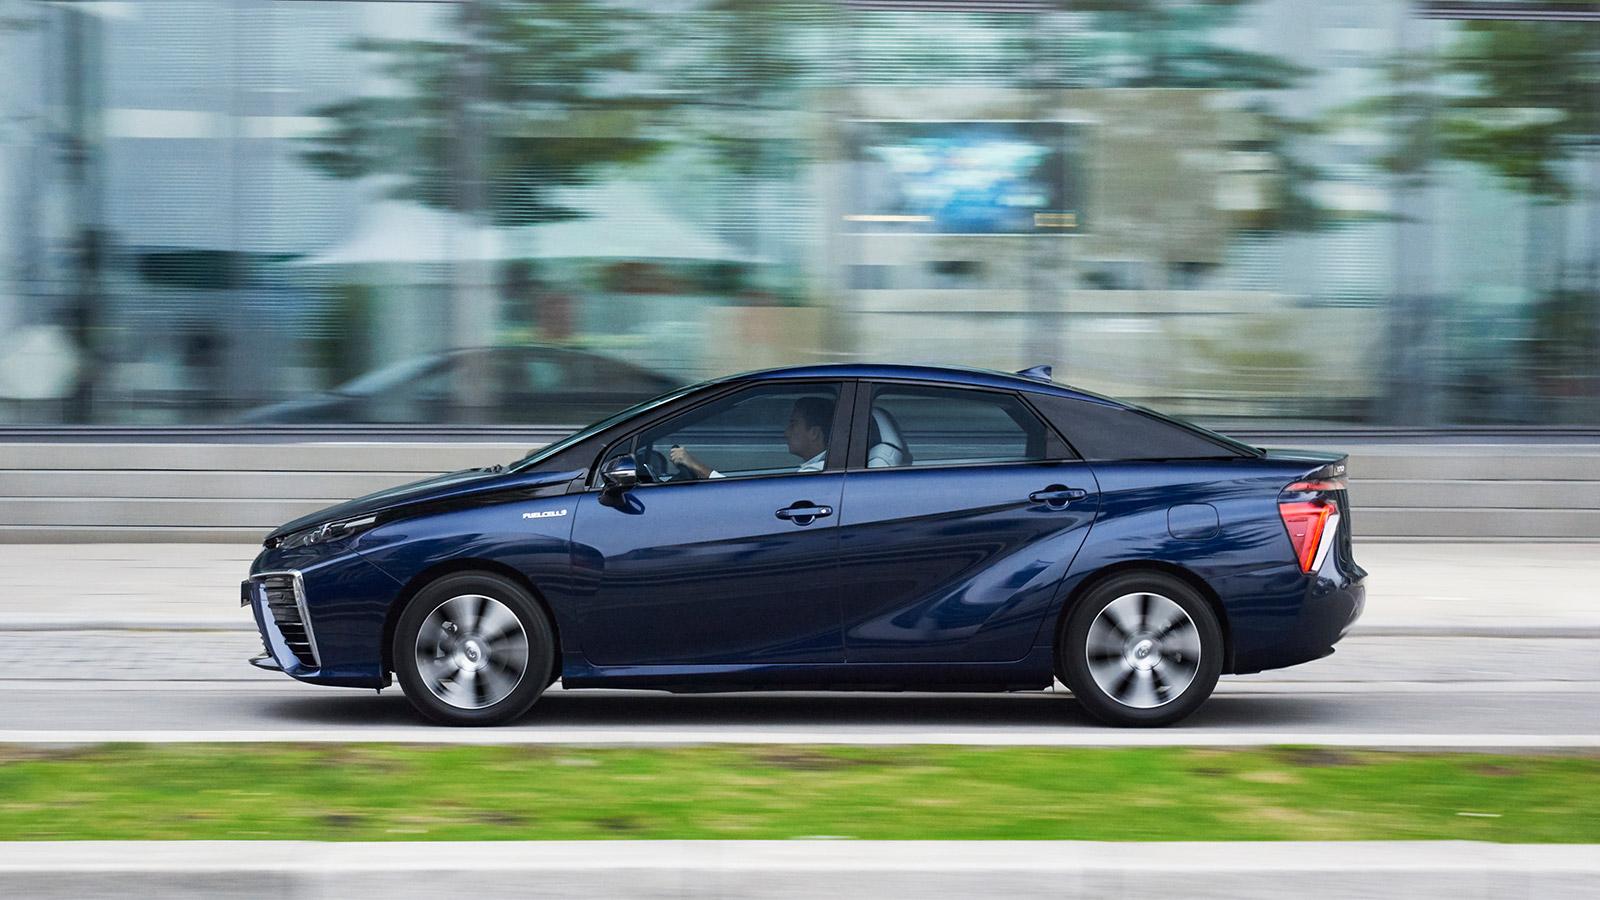 2019 - [Kia] Cerato / Forte / K3 Toyota-2015-world-of-toyota-new-mirai-the-facts-focus-image_tcm-18-567350